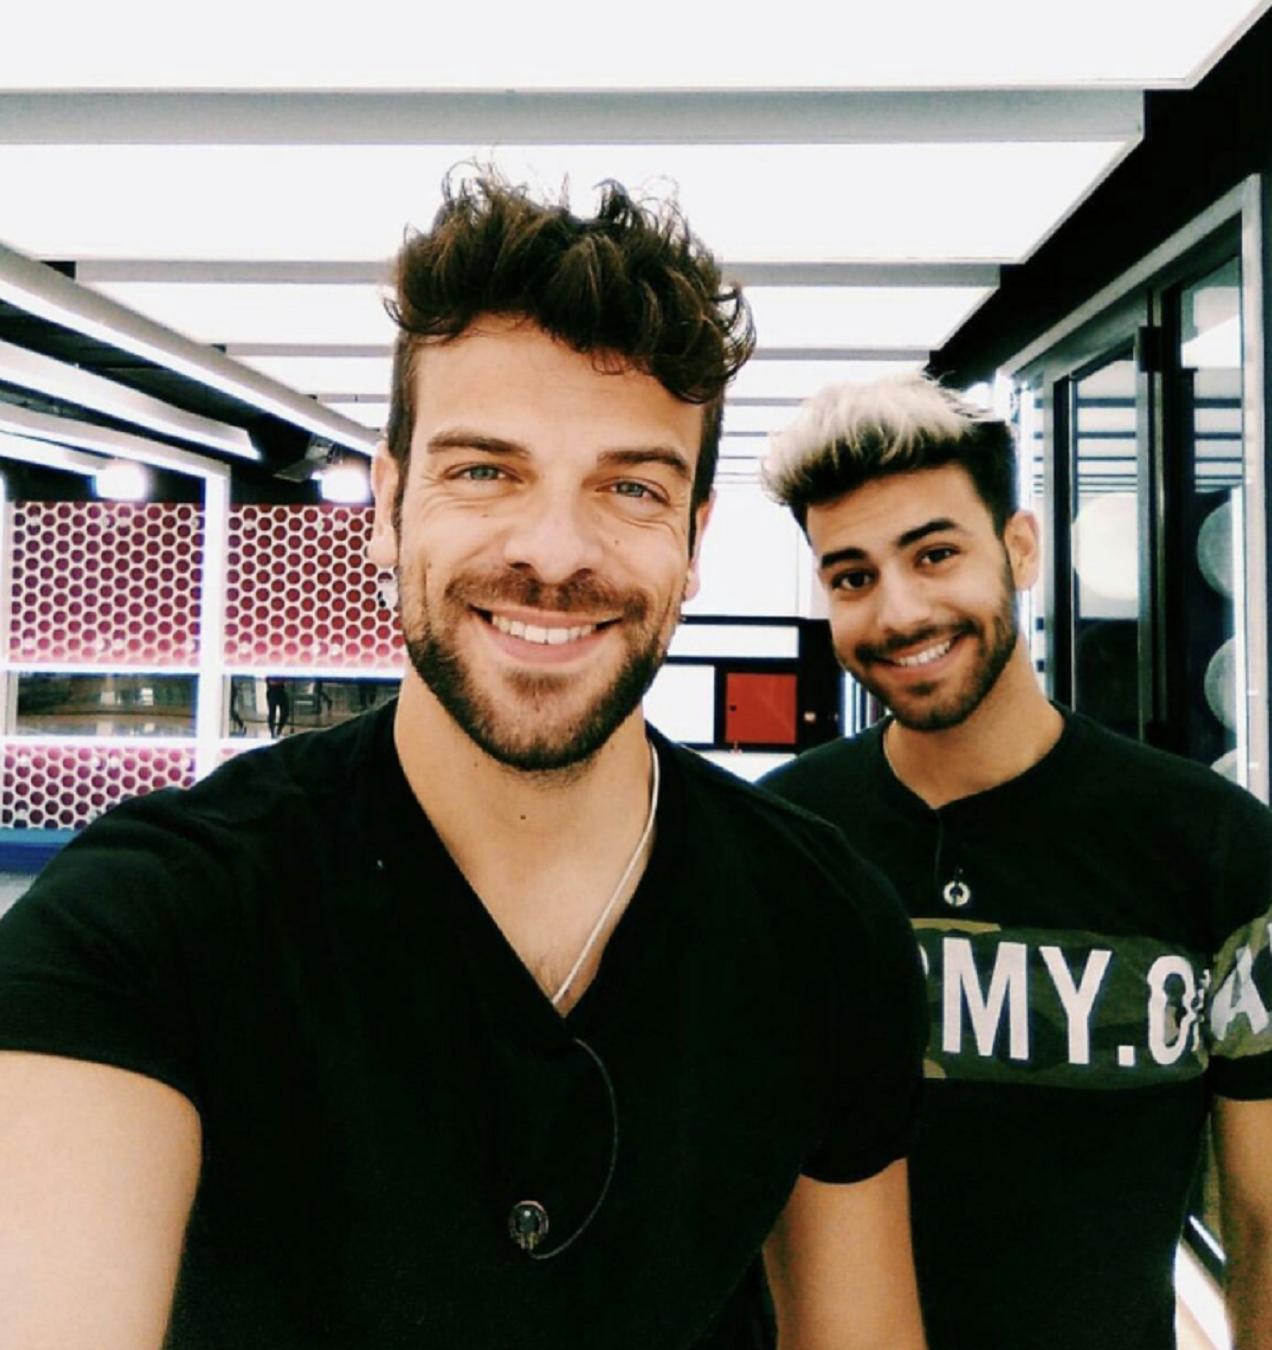 Operacion Triunfo 1 Video Porno De Un Concursante primera pareja gay en operación triunfo